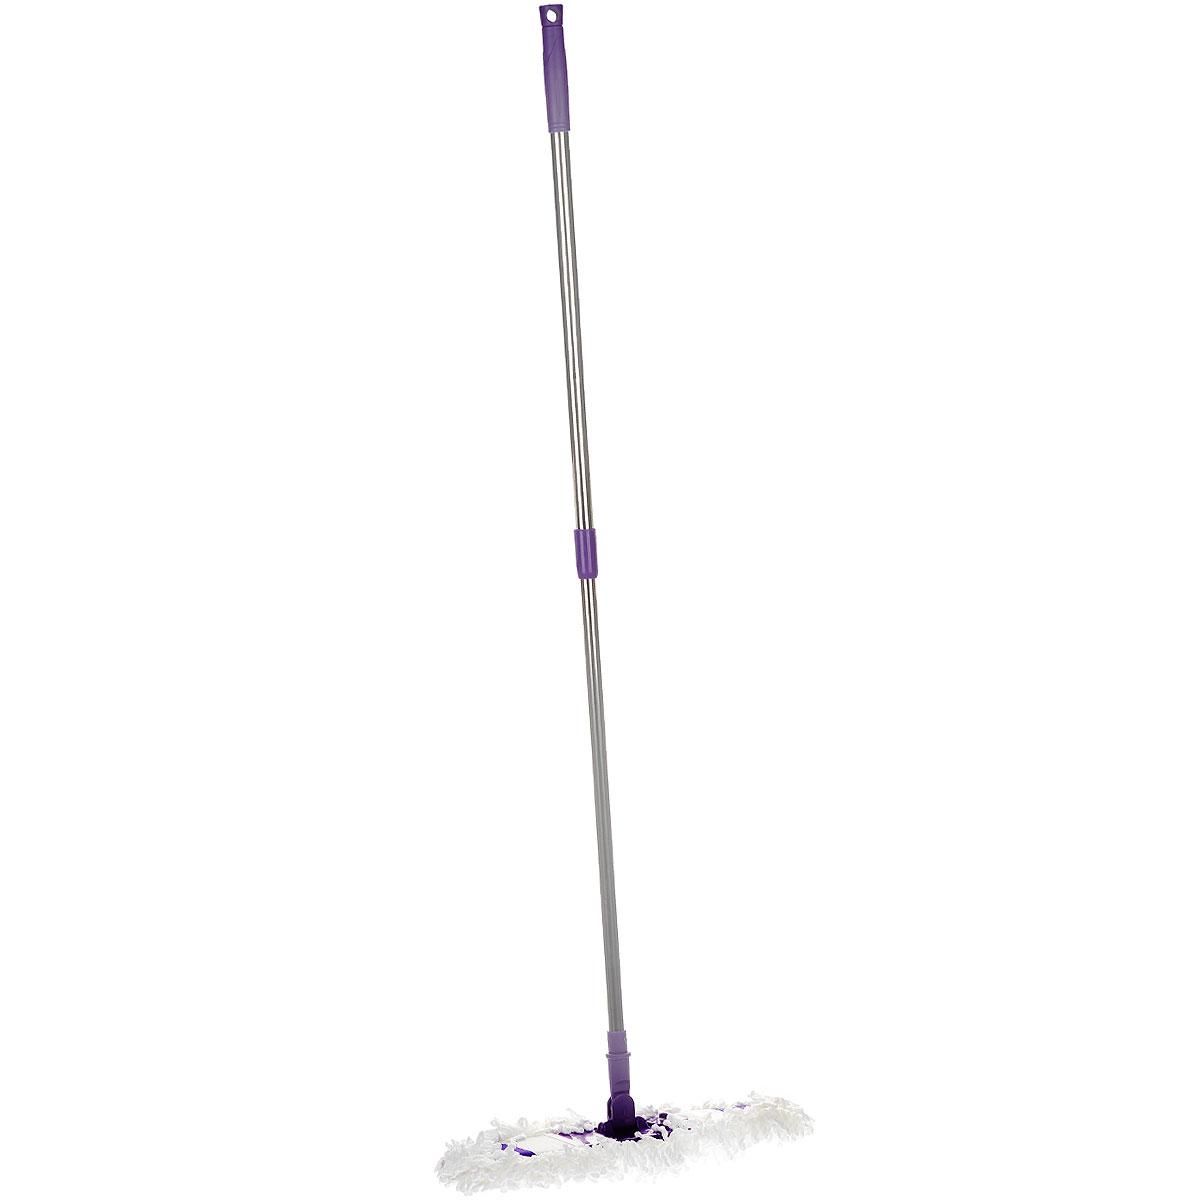 Швабра Фэйт Флаундер-4, с телескопической ручкой и сменной насадкой, цвет: сиреневый, 70-125 см531-105Швабра Фэйт Флаундер-4 предназначена для сухой и влажной уборки в доме.Сменная насадка выполнена из микрофибры, которая впитывает воду и грязь подобно губке. Такая насадка позволит вам использовать во время уборки меньшее количество чистящих средств. Она подходит для всех видов гладких полов из плитки, паркета, ламината и камня.Швабра оснащена удобной металлической телескопической ручкой с подвижной частью и фиксацией, которая позволяет использовать ее в труднодоступных местах. На конце ручки имеется специальная петля, благодаря которой швабру можно подвесить в любом удобном месте.Платформа швабры выполнена из высокопрочного пластика. Платформа может двигаться под любым углом, на любой плоскости. Подвижная платформа позволяет вымыть полы, не отодвигая крупногабаритную мебель, протереть стены от пыли за шкафами. Также такой шваброй очень удобно и легко протирать потолки.Длина ручки: 70-125 см.Размер рабочей части: 40 см х 12 см.